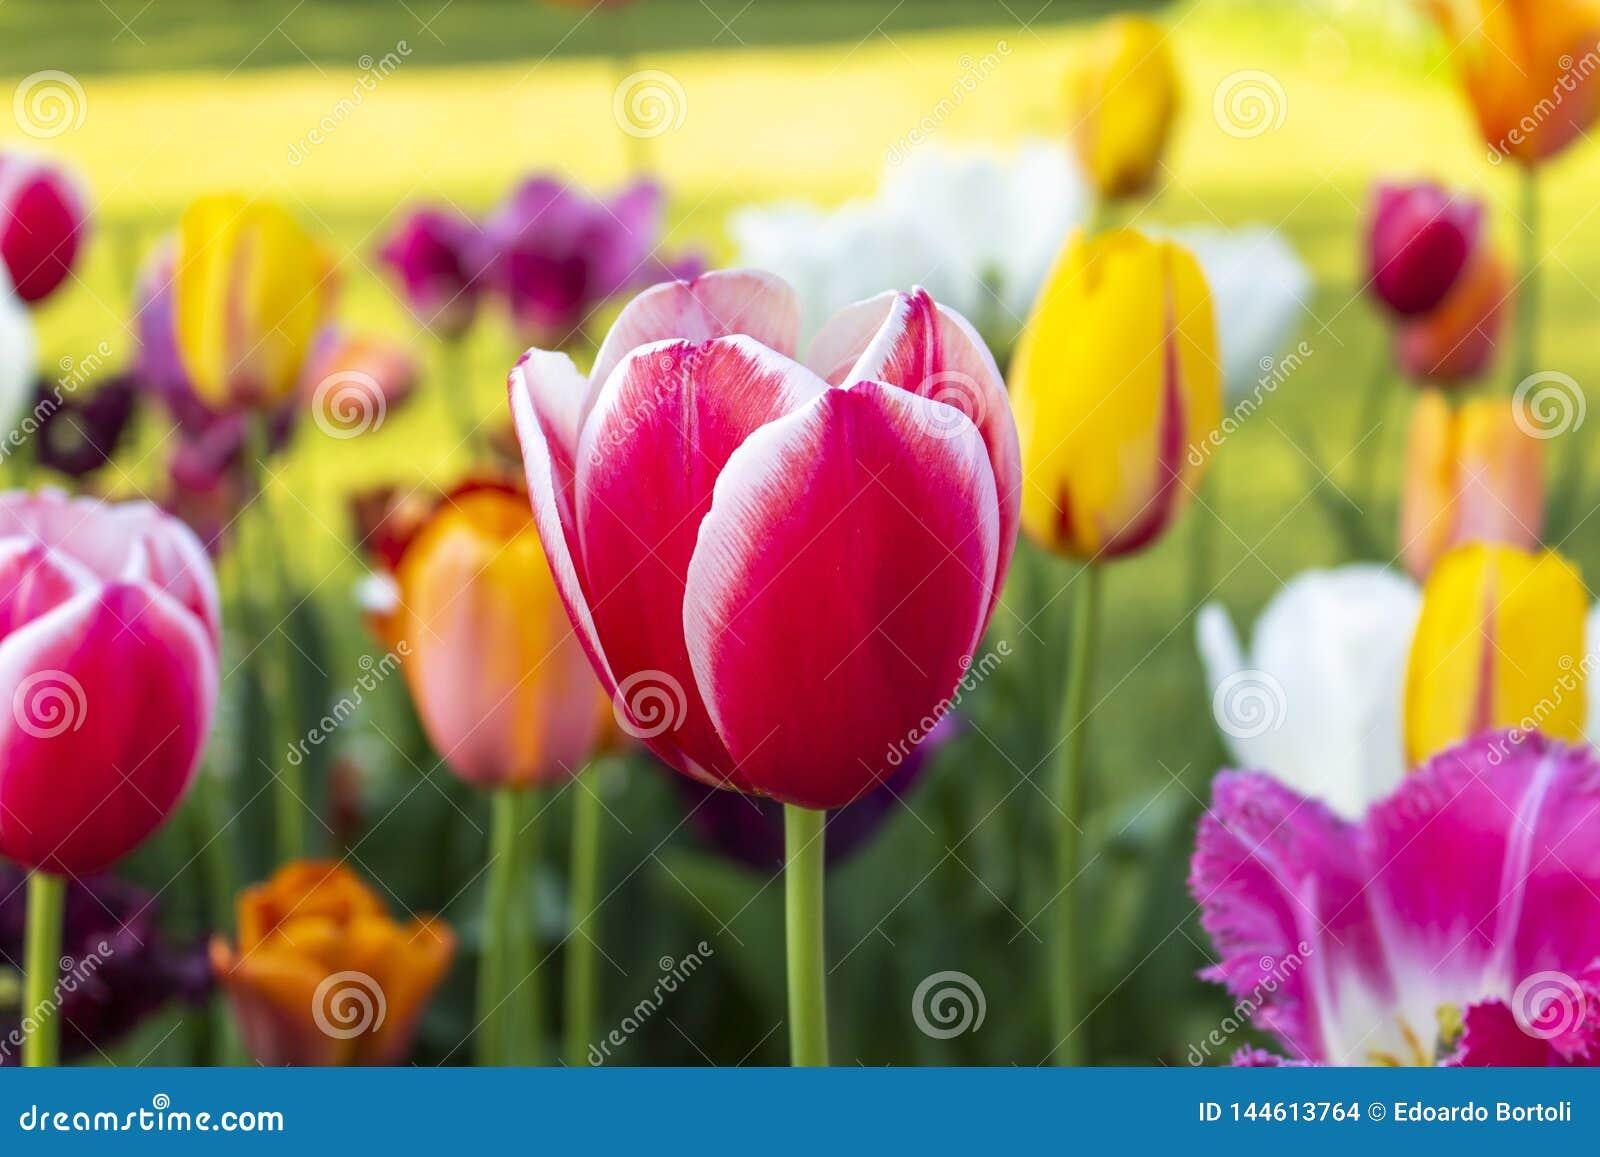 Close-up de uma tulipa